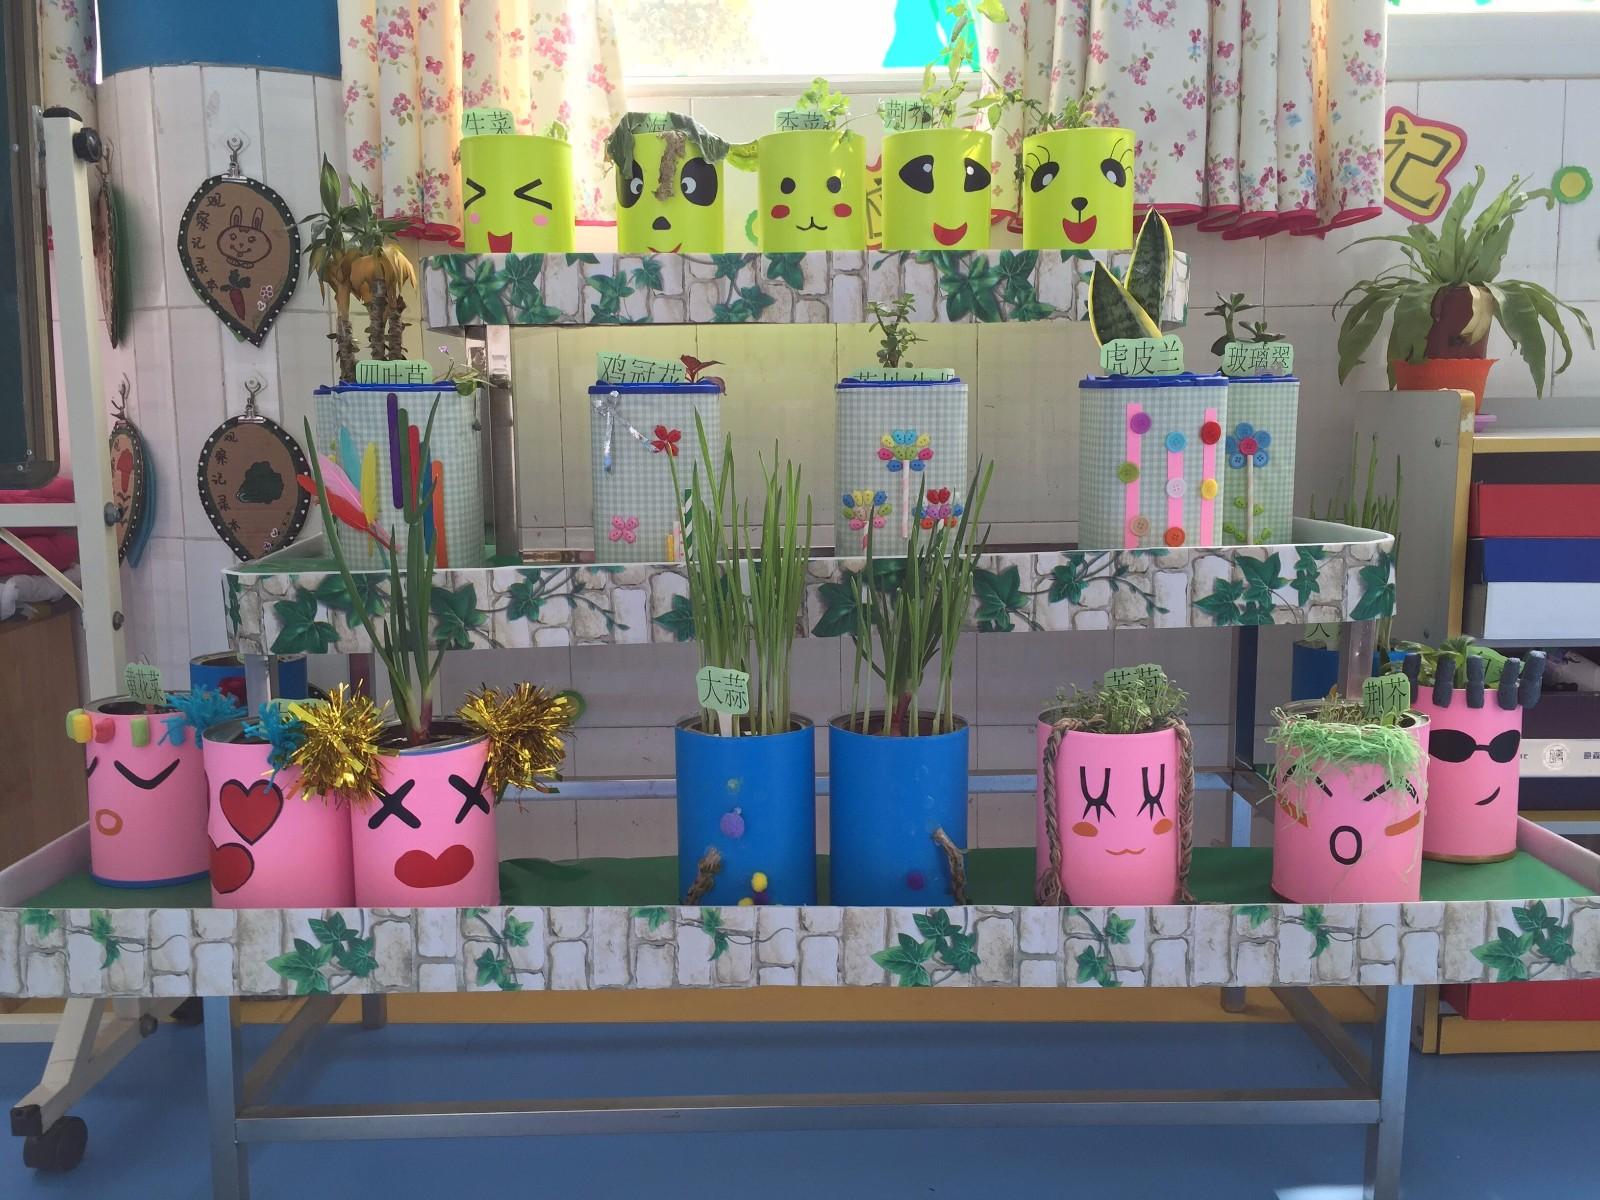 中牟县东风路幼儿园开展植物角评比活动图片